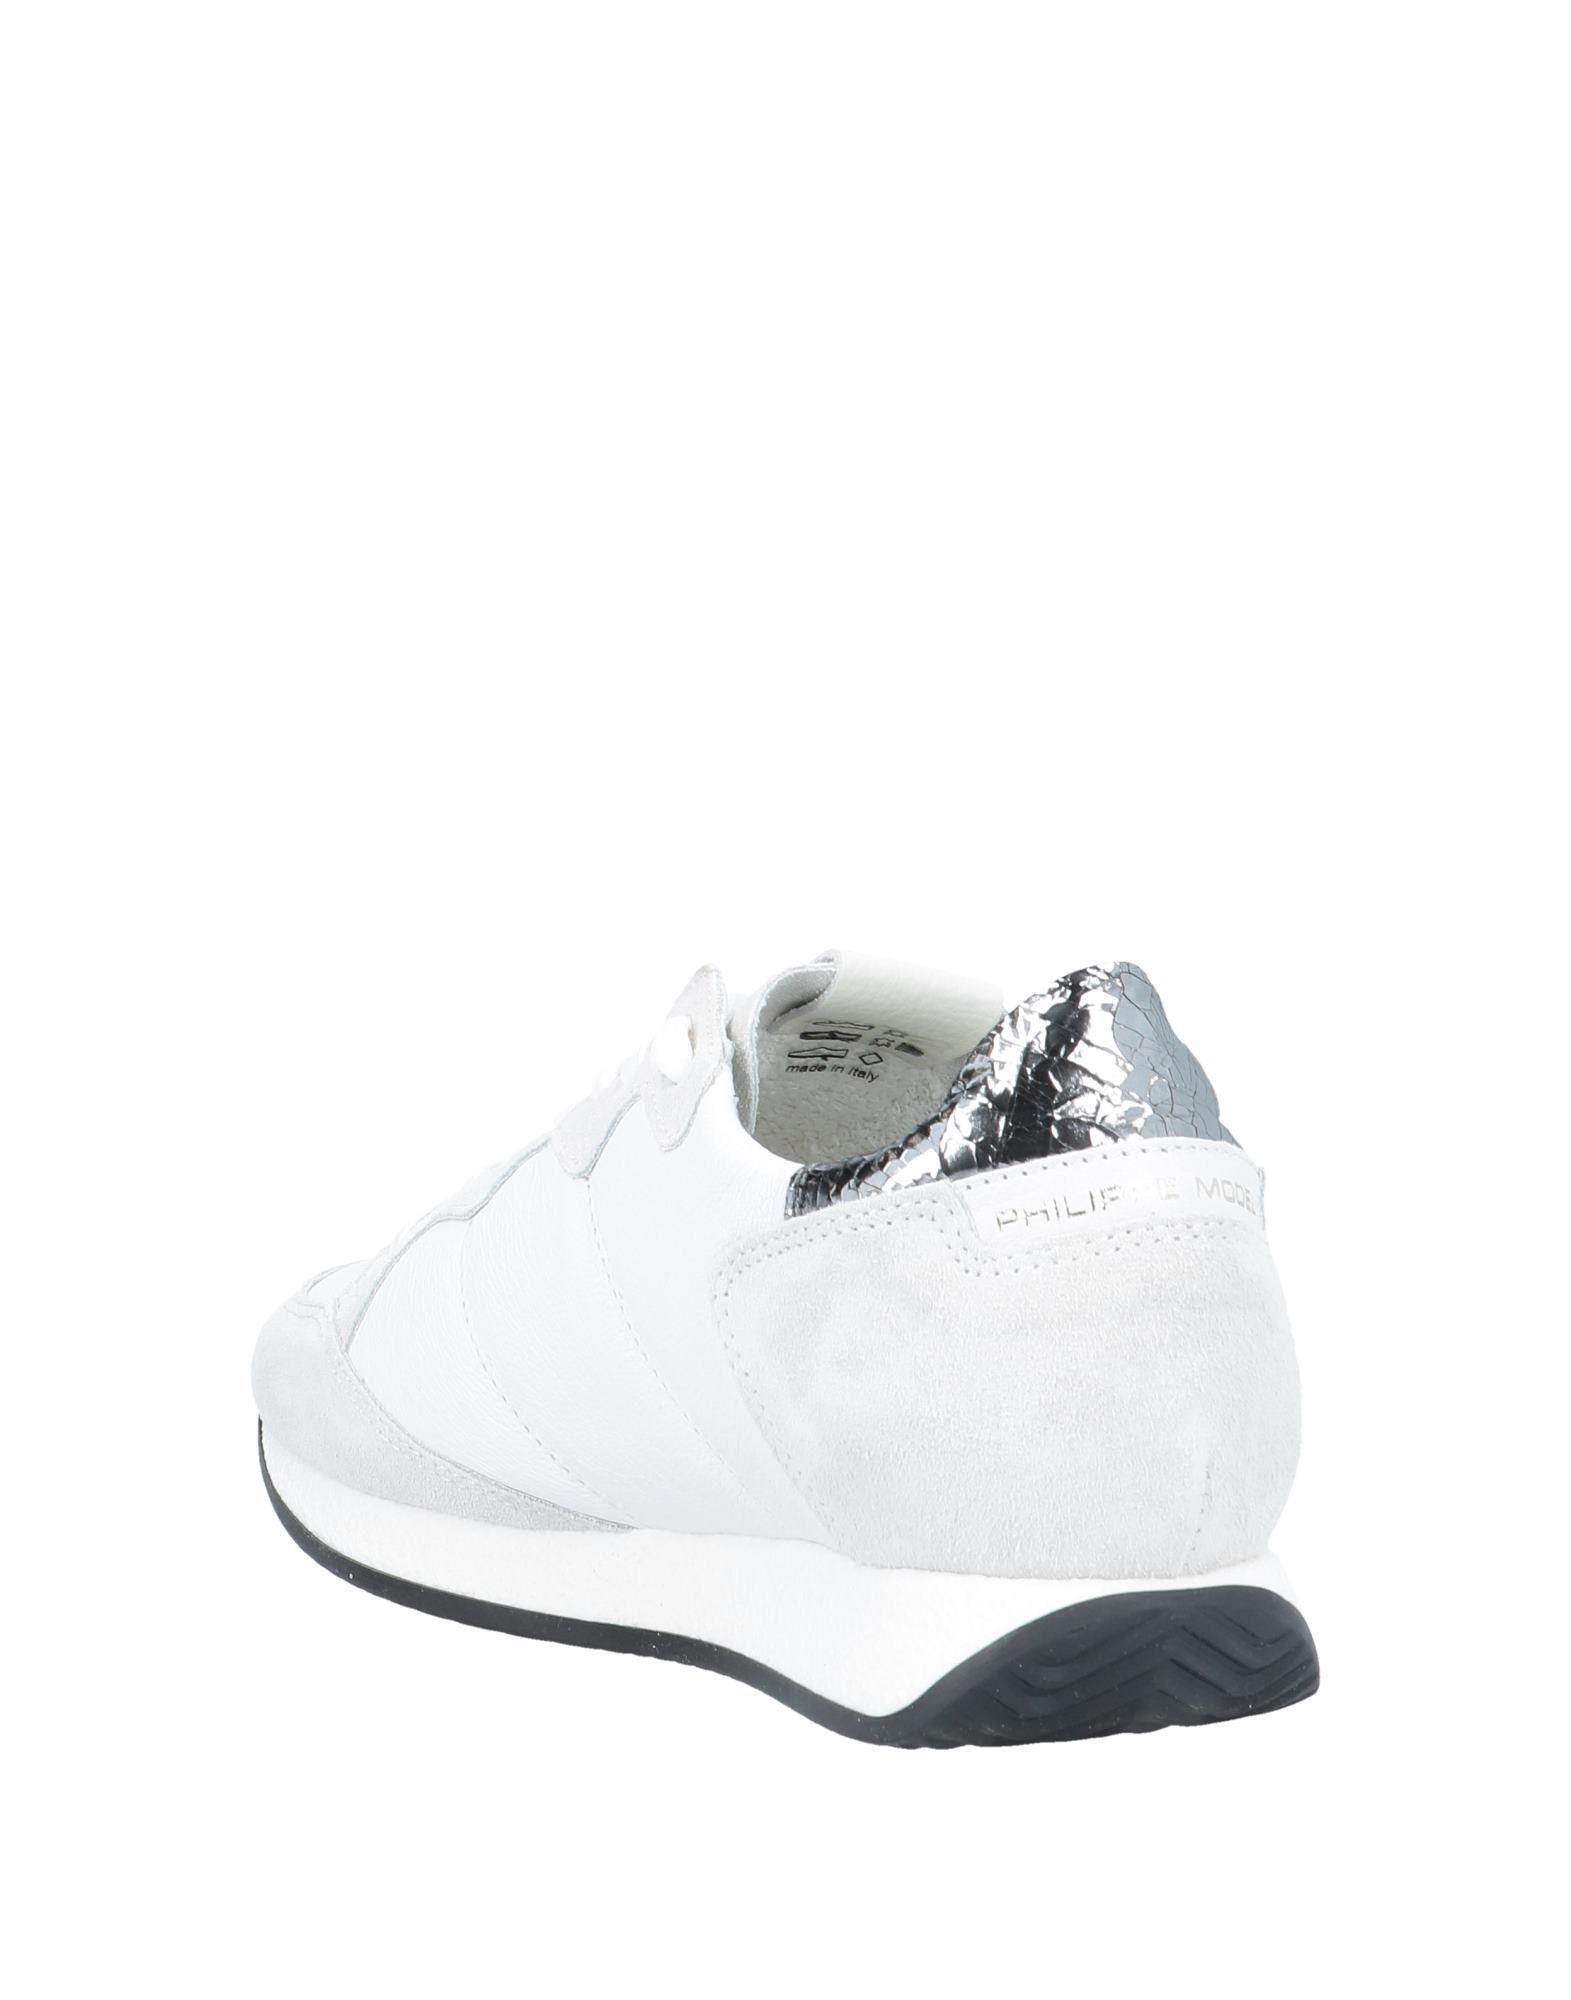 Footwear Philippe Model Light Grey Women's Leather